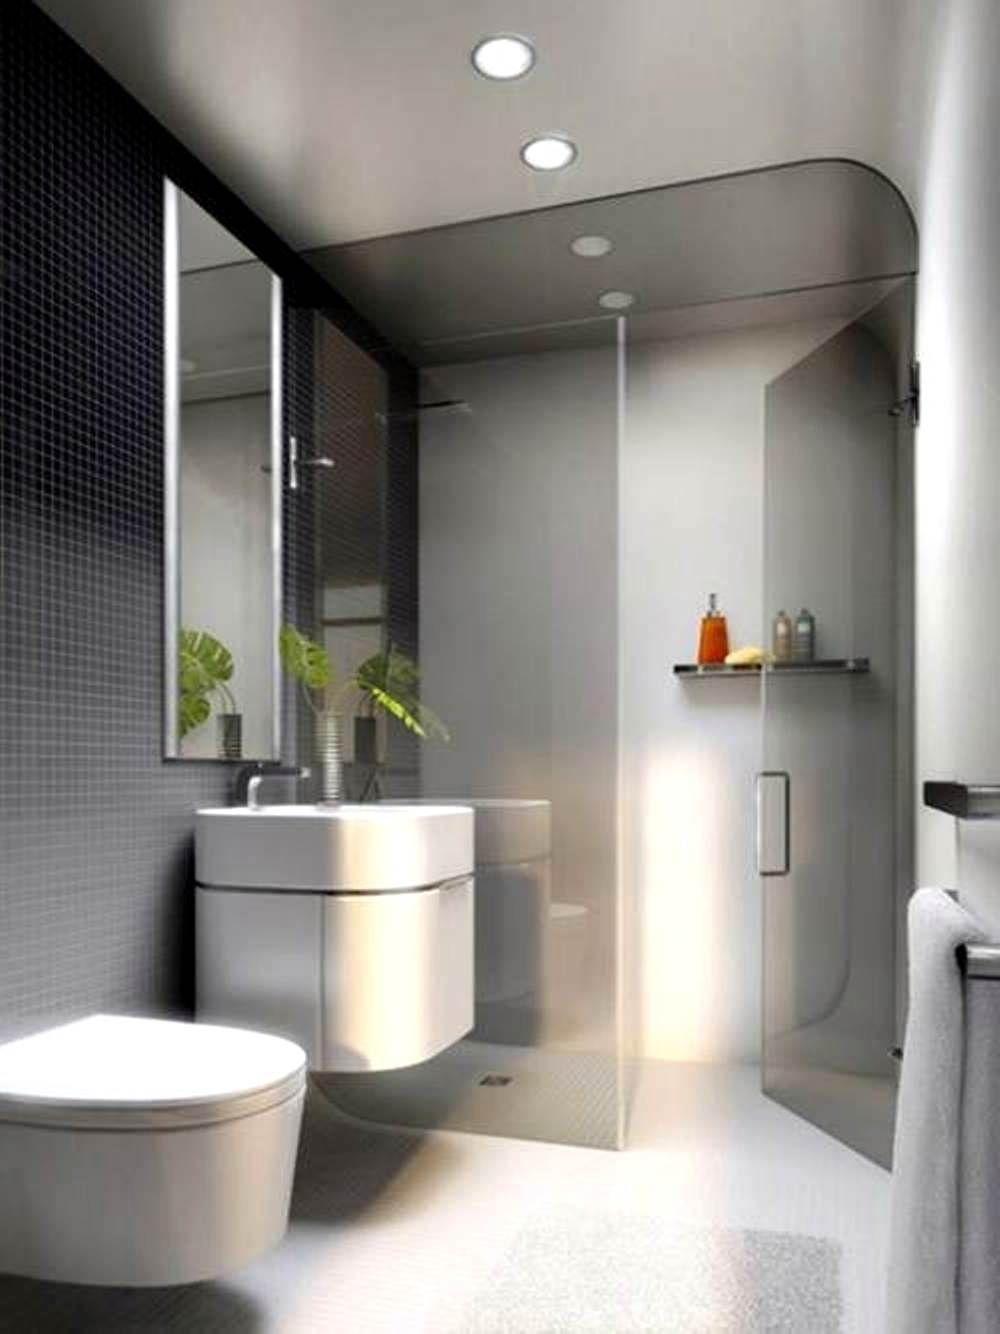 Moderne Kleine Badezimmer Ideen - Moderne Kleine Badezimmer ...